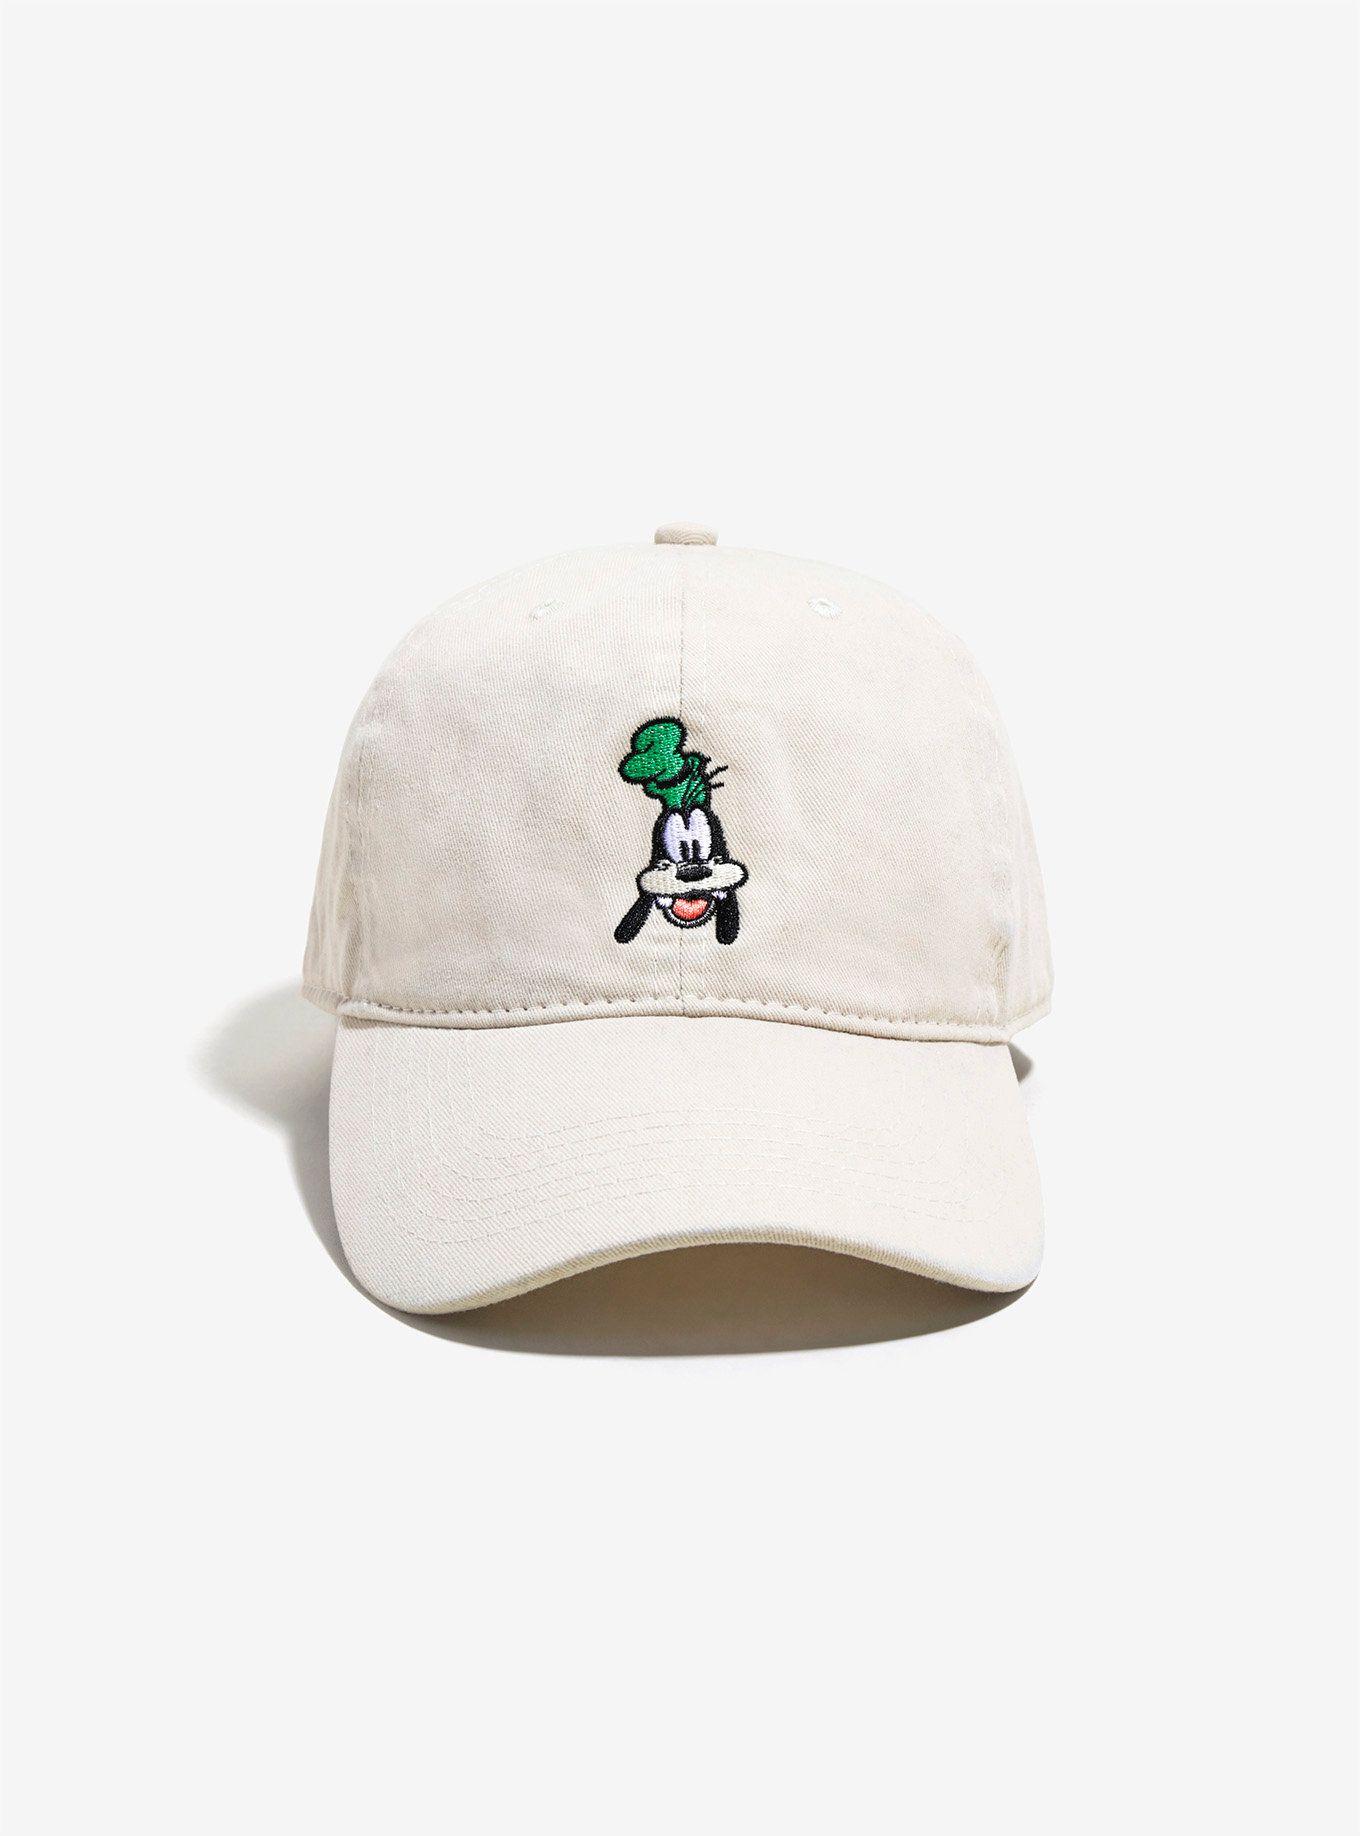 Disney Goofy Dad Hat  1af2c7a4acb